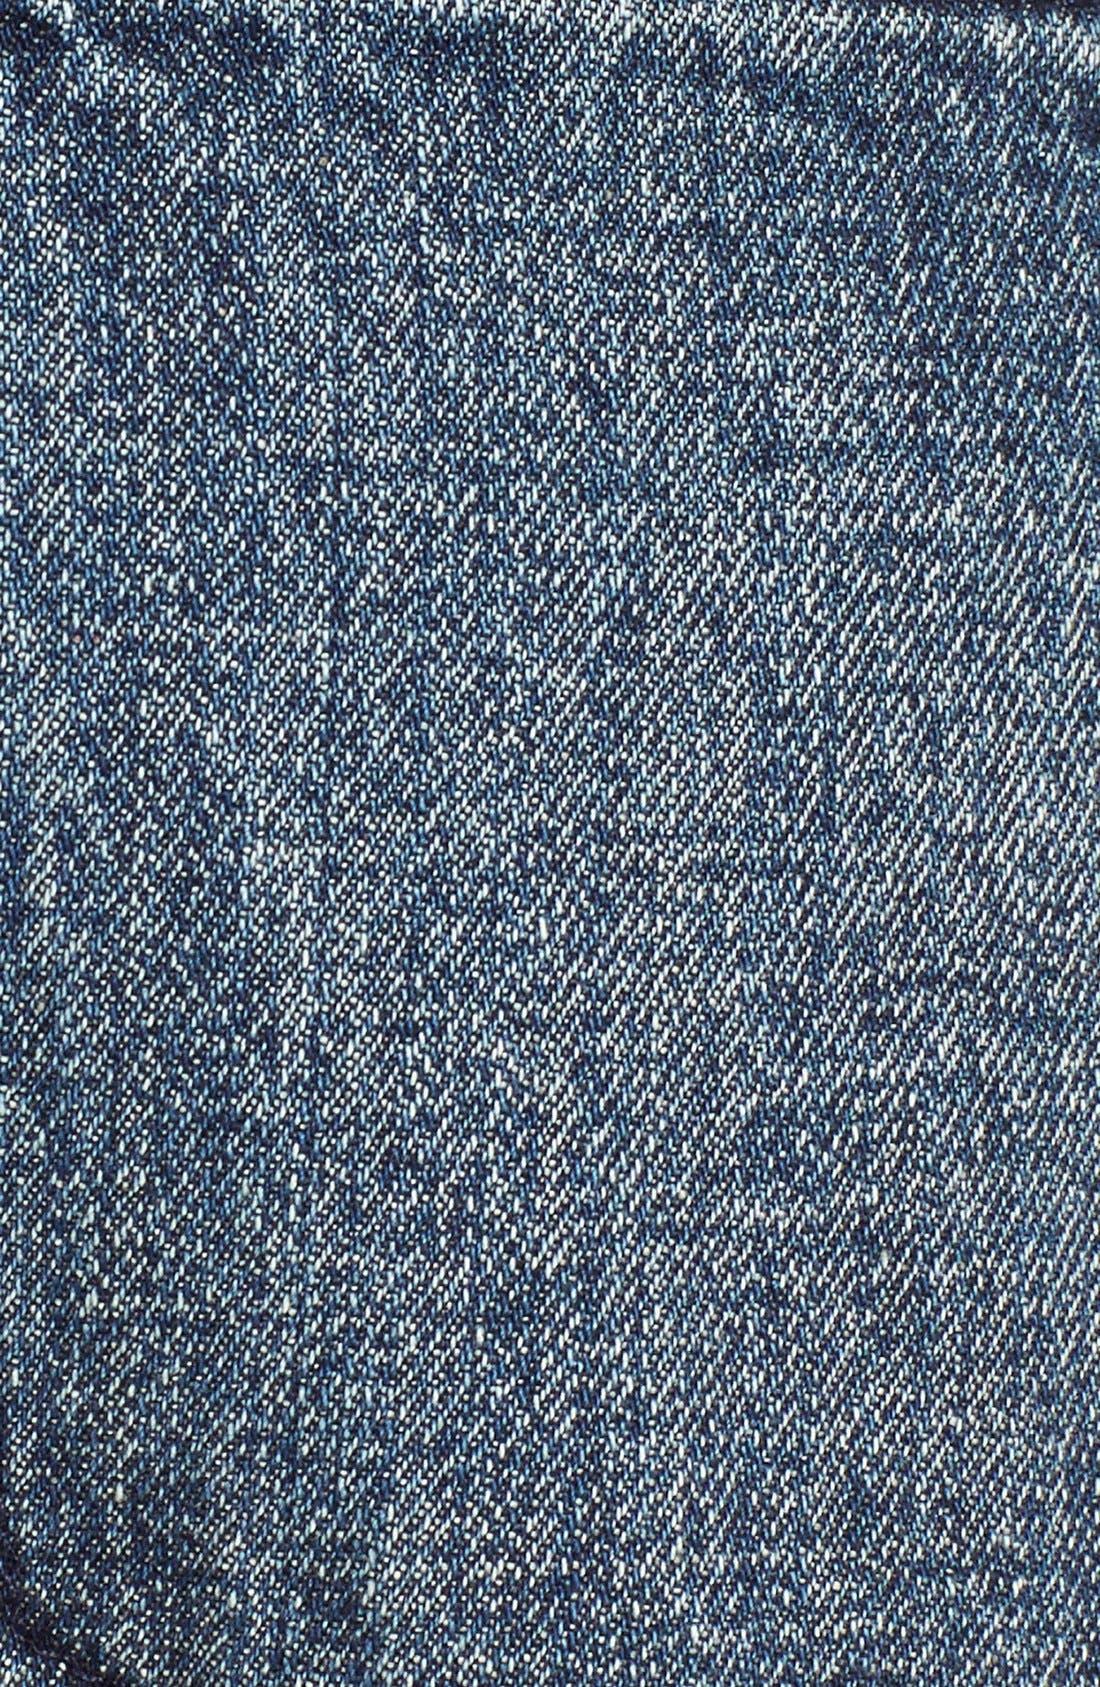 Alternate Image 5  - Volcom 'Stoneshort 3' Denim Shorts